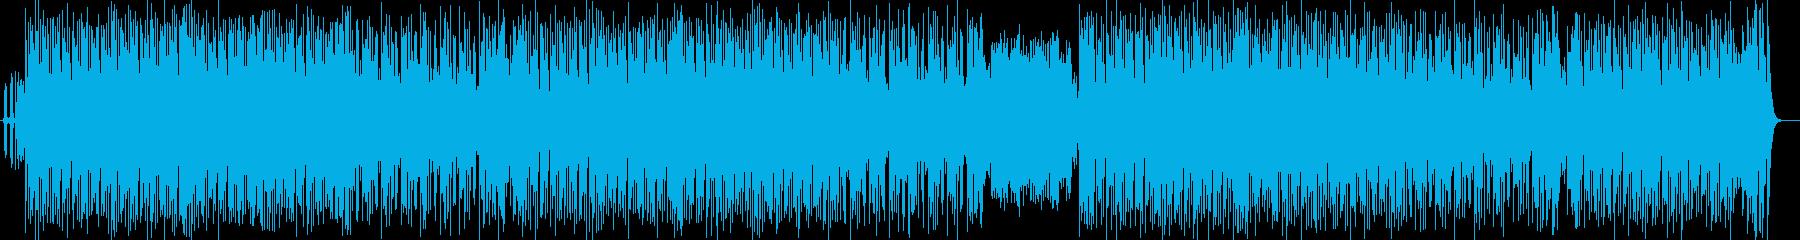 不思議なワンダーランドミュージックの再生済みの波形